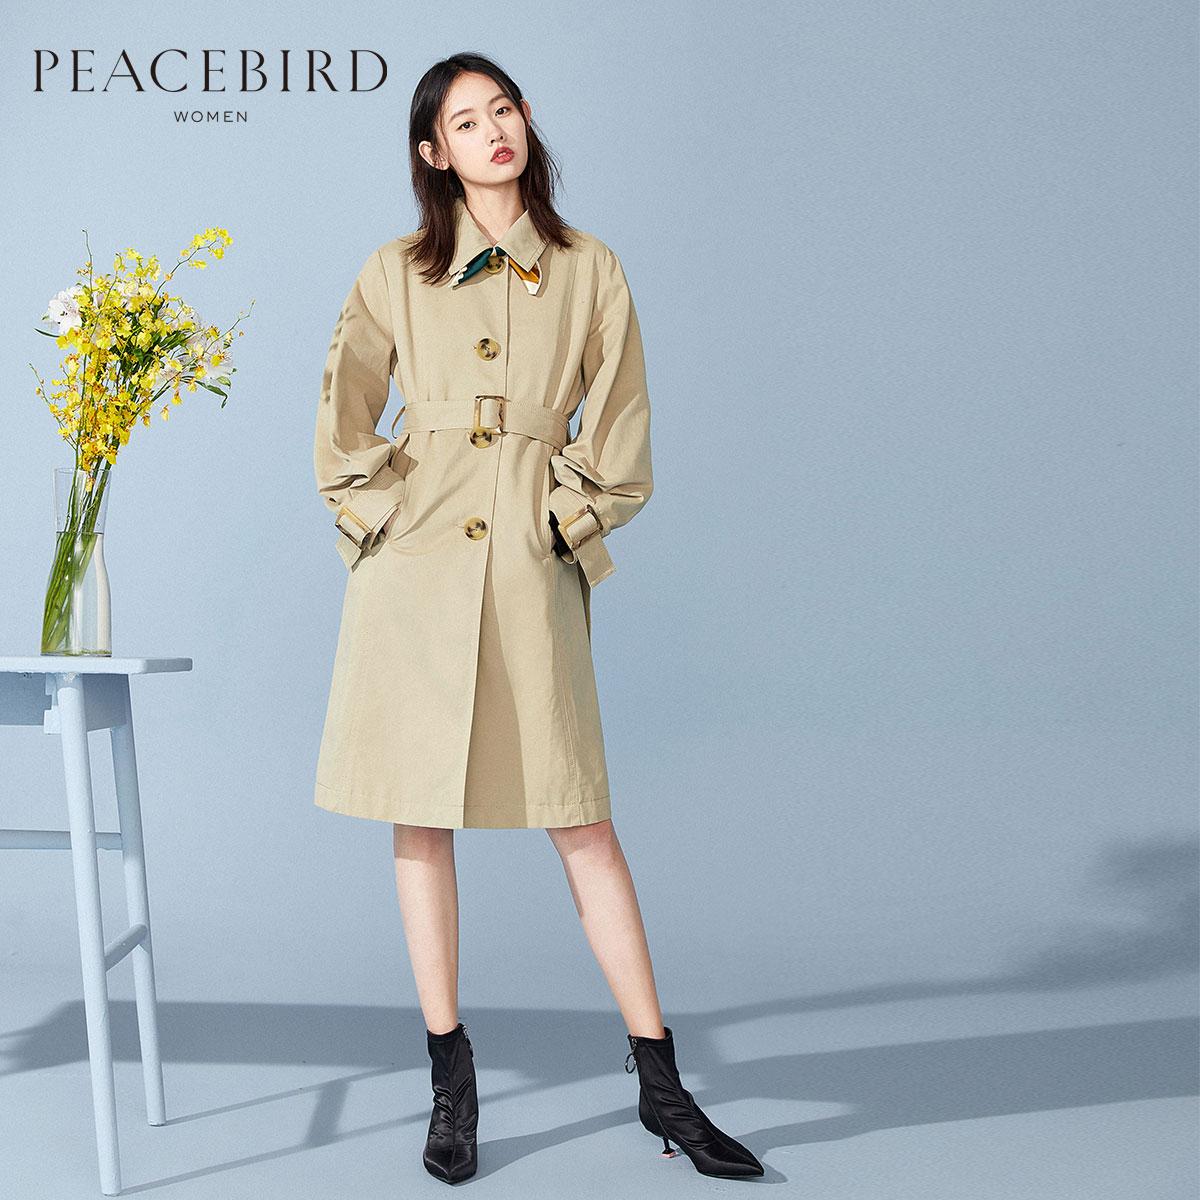 太平鸟风衣女中长款秋装2019新款外套薄款女韩版宽松工装风上衣女